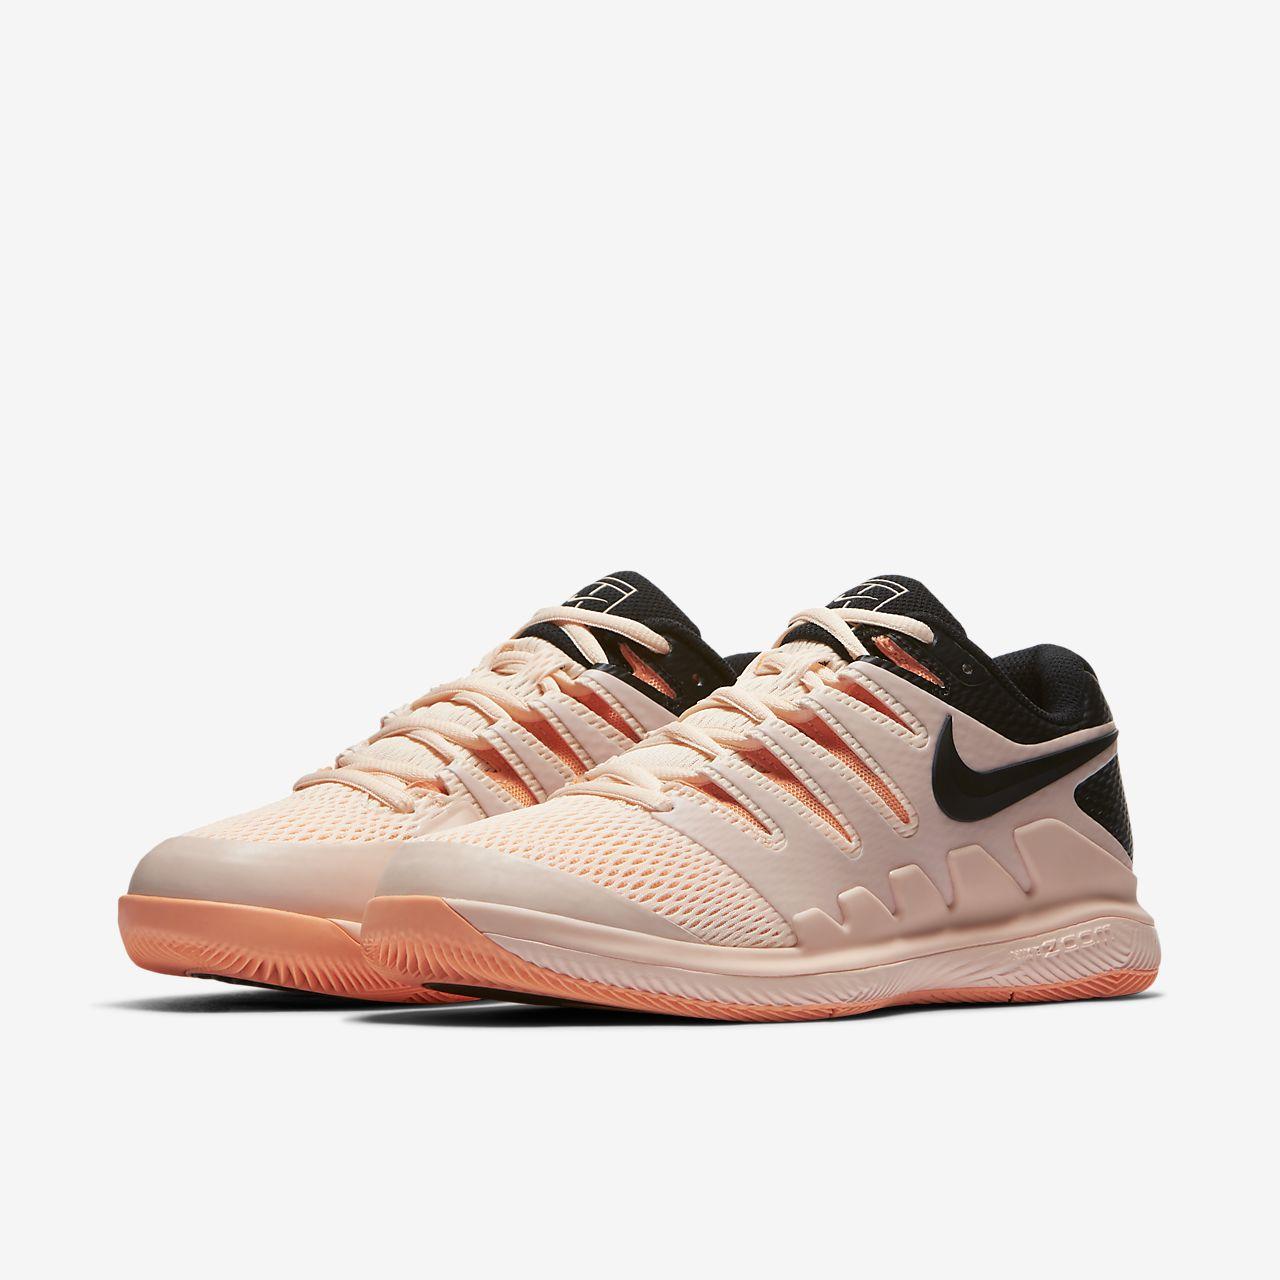 Nike Women's Air Zoom Vapor X Tennis Shoe 5Q4Wrm